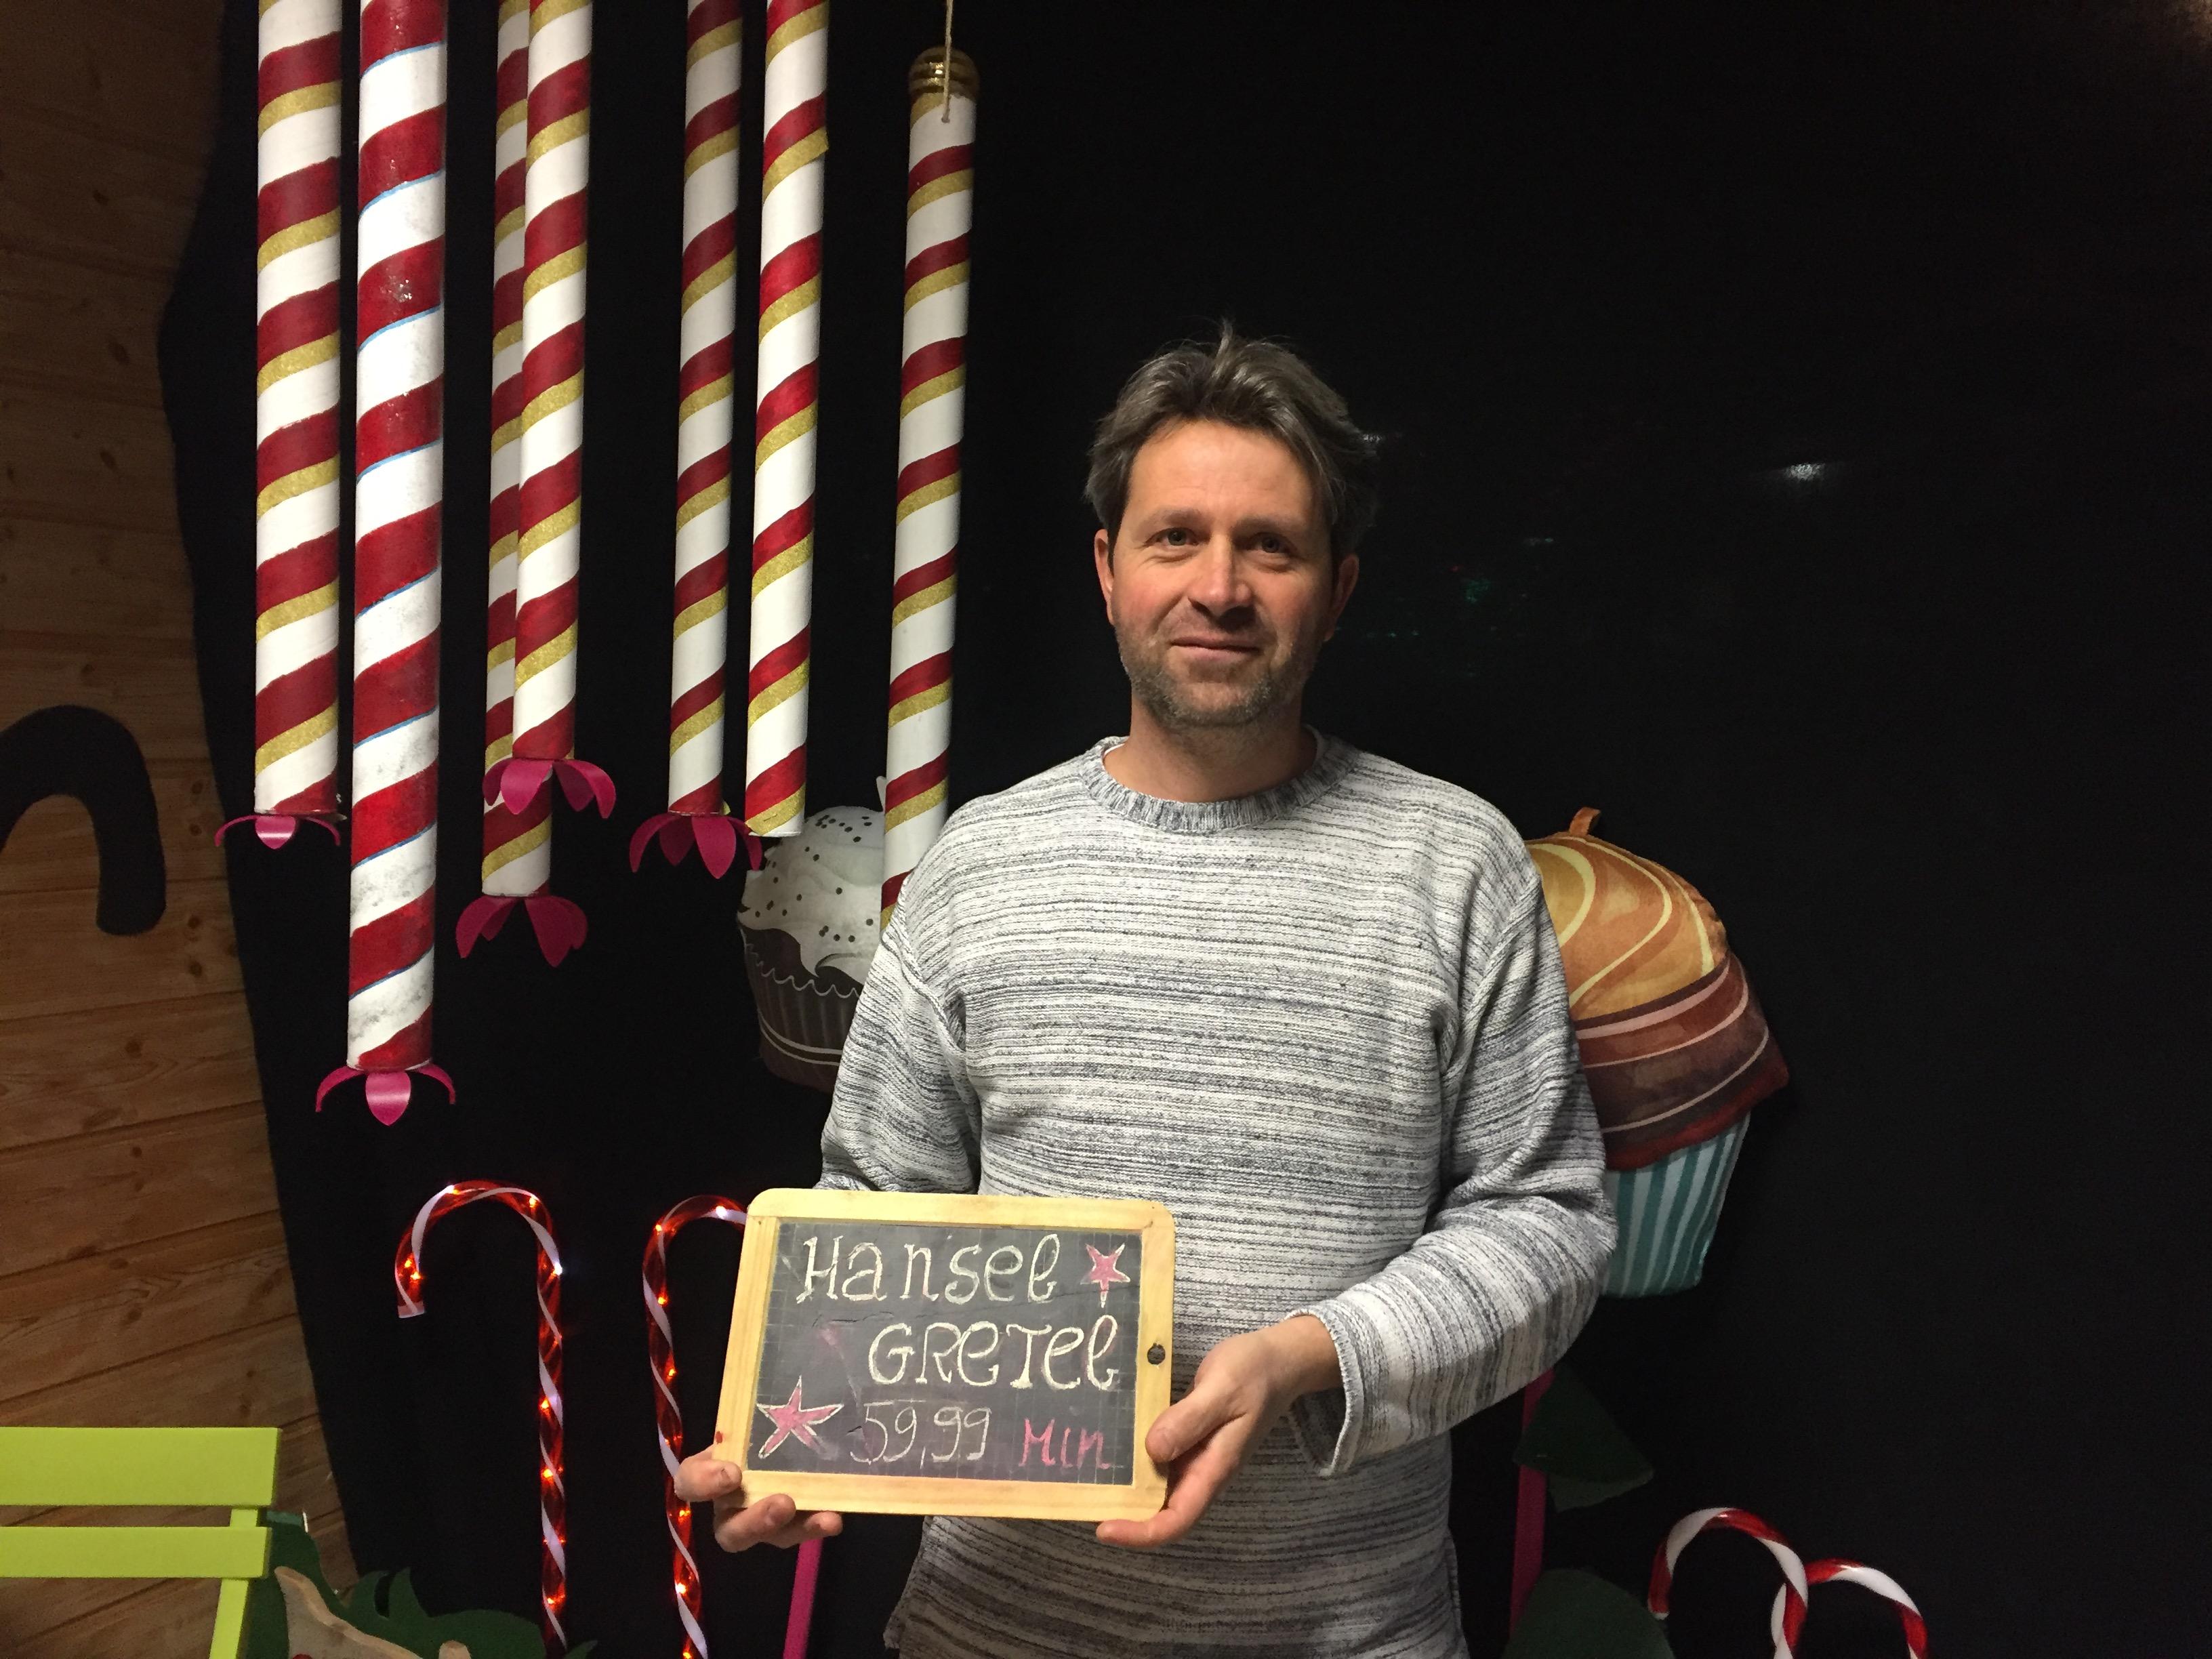 L'histoire d'Hansel & Gretel pour la nouvelle escape room briançonnaise